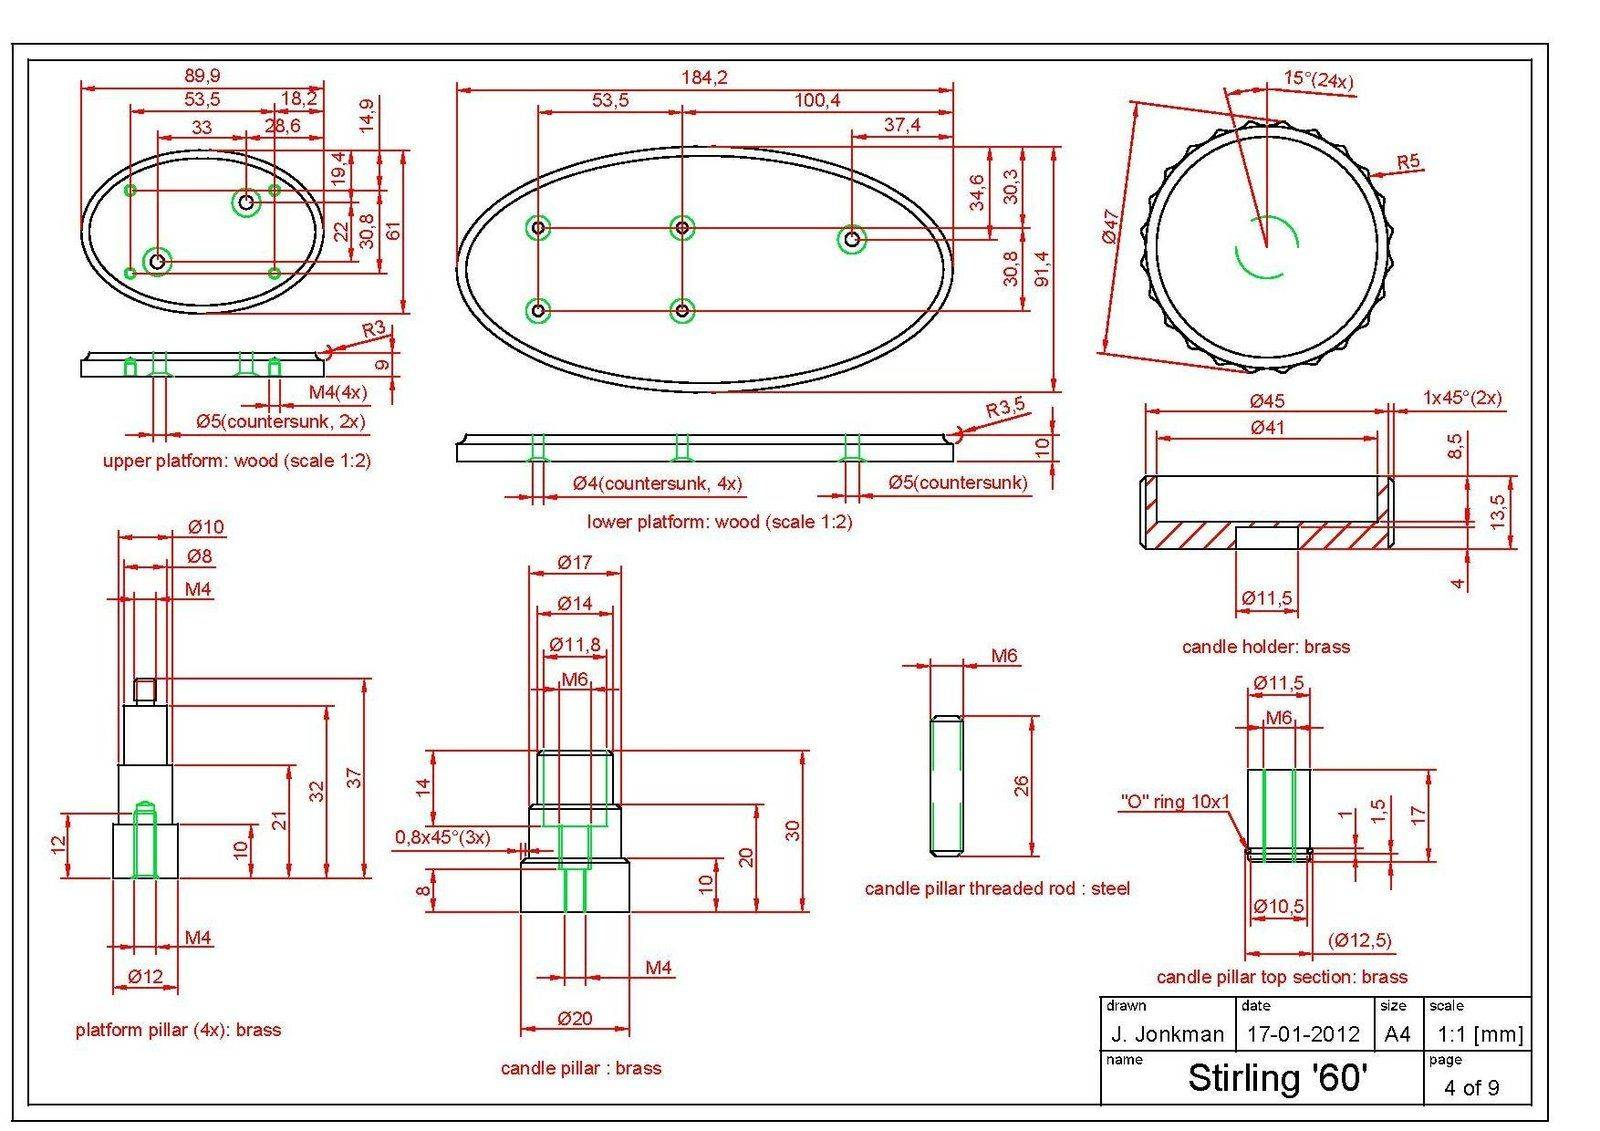 Stirling1.jpg